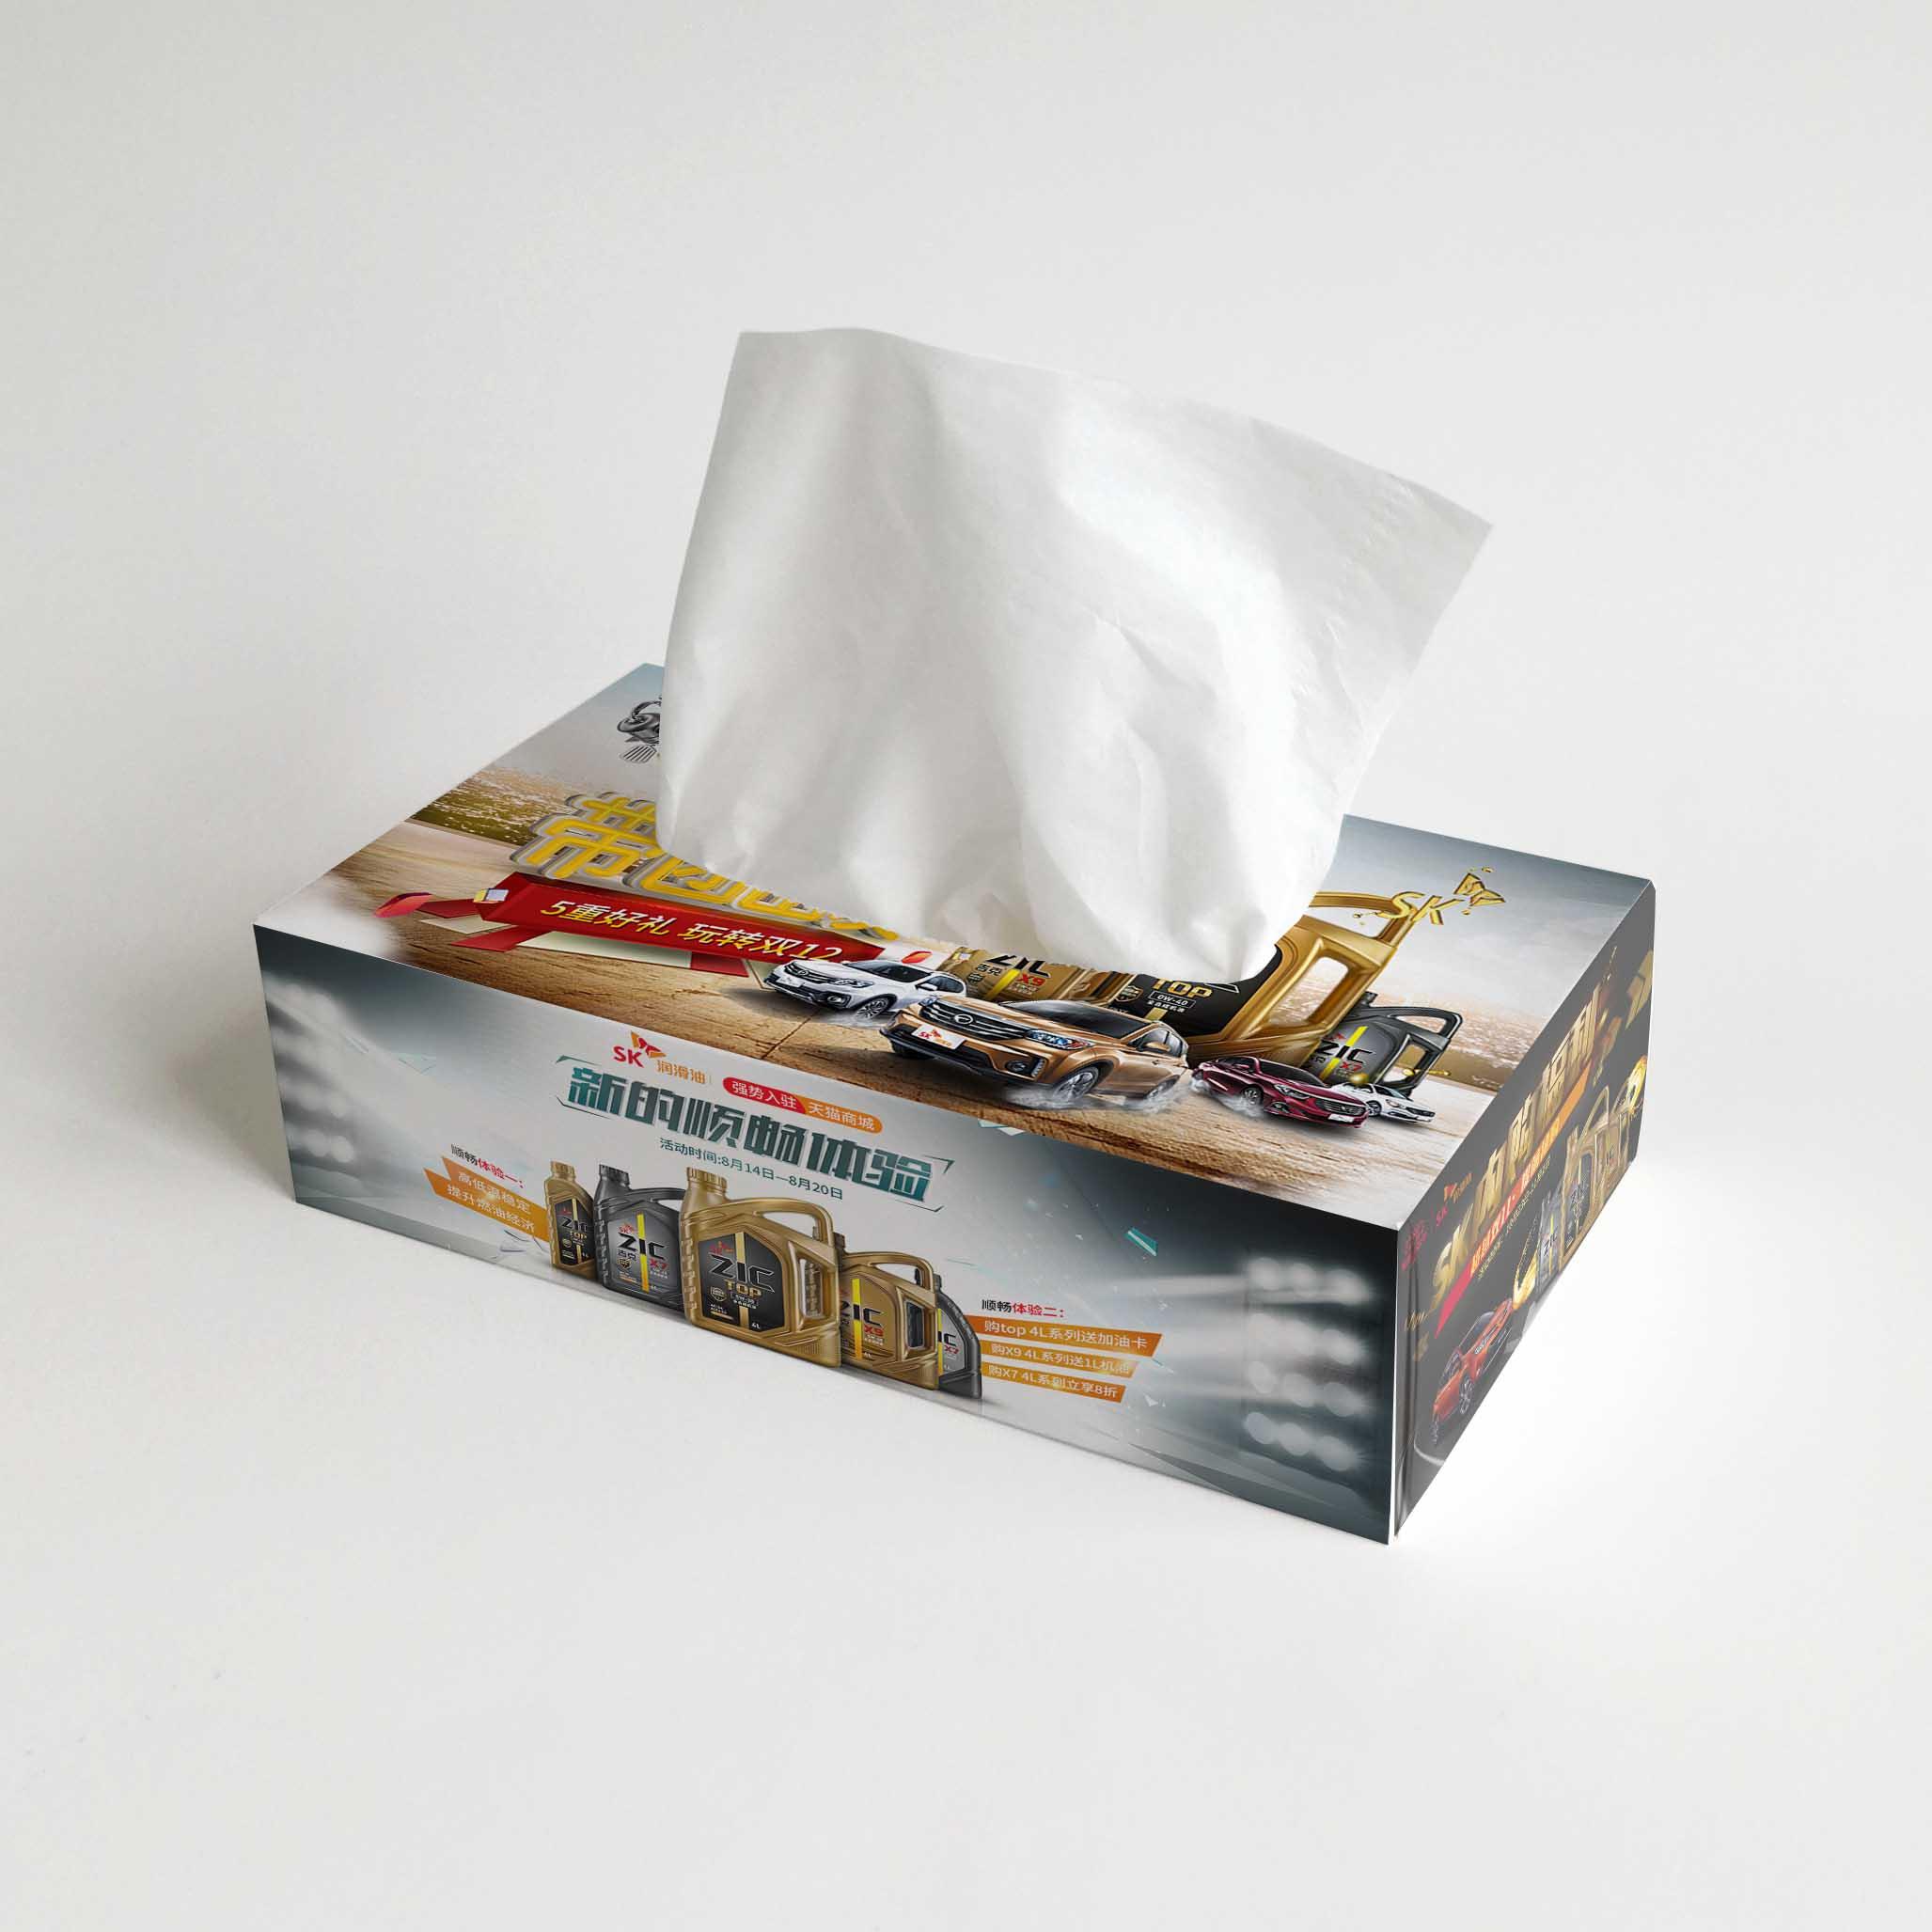 加油站促销礼品纸巾定制厂家哪家好,资阳广告抽纸